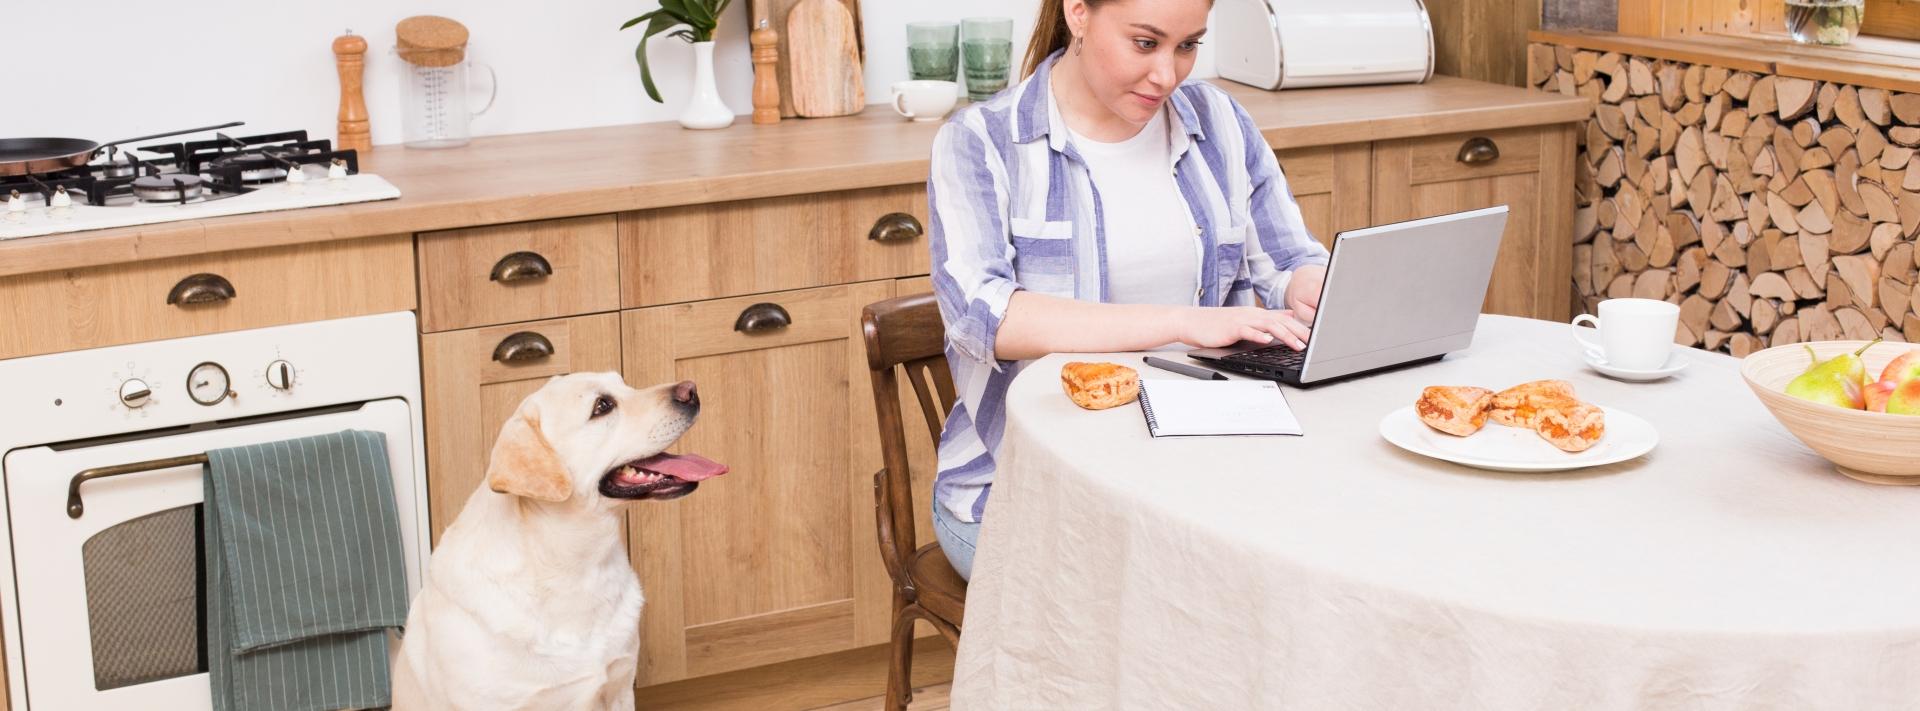 ワークスタイル ✕ ライフスタイル (3) ~ 「寝+食+職」と家族|ながらすたいる・えっくす www.bixlix.com